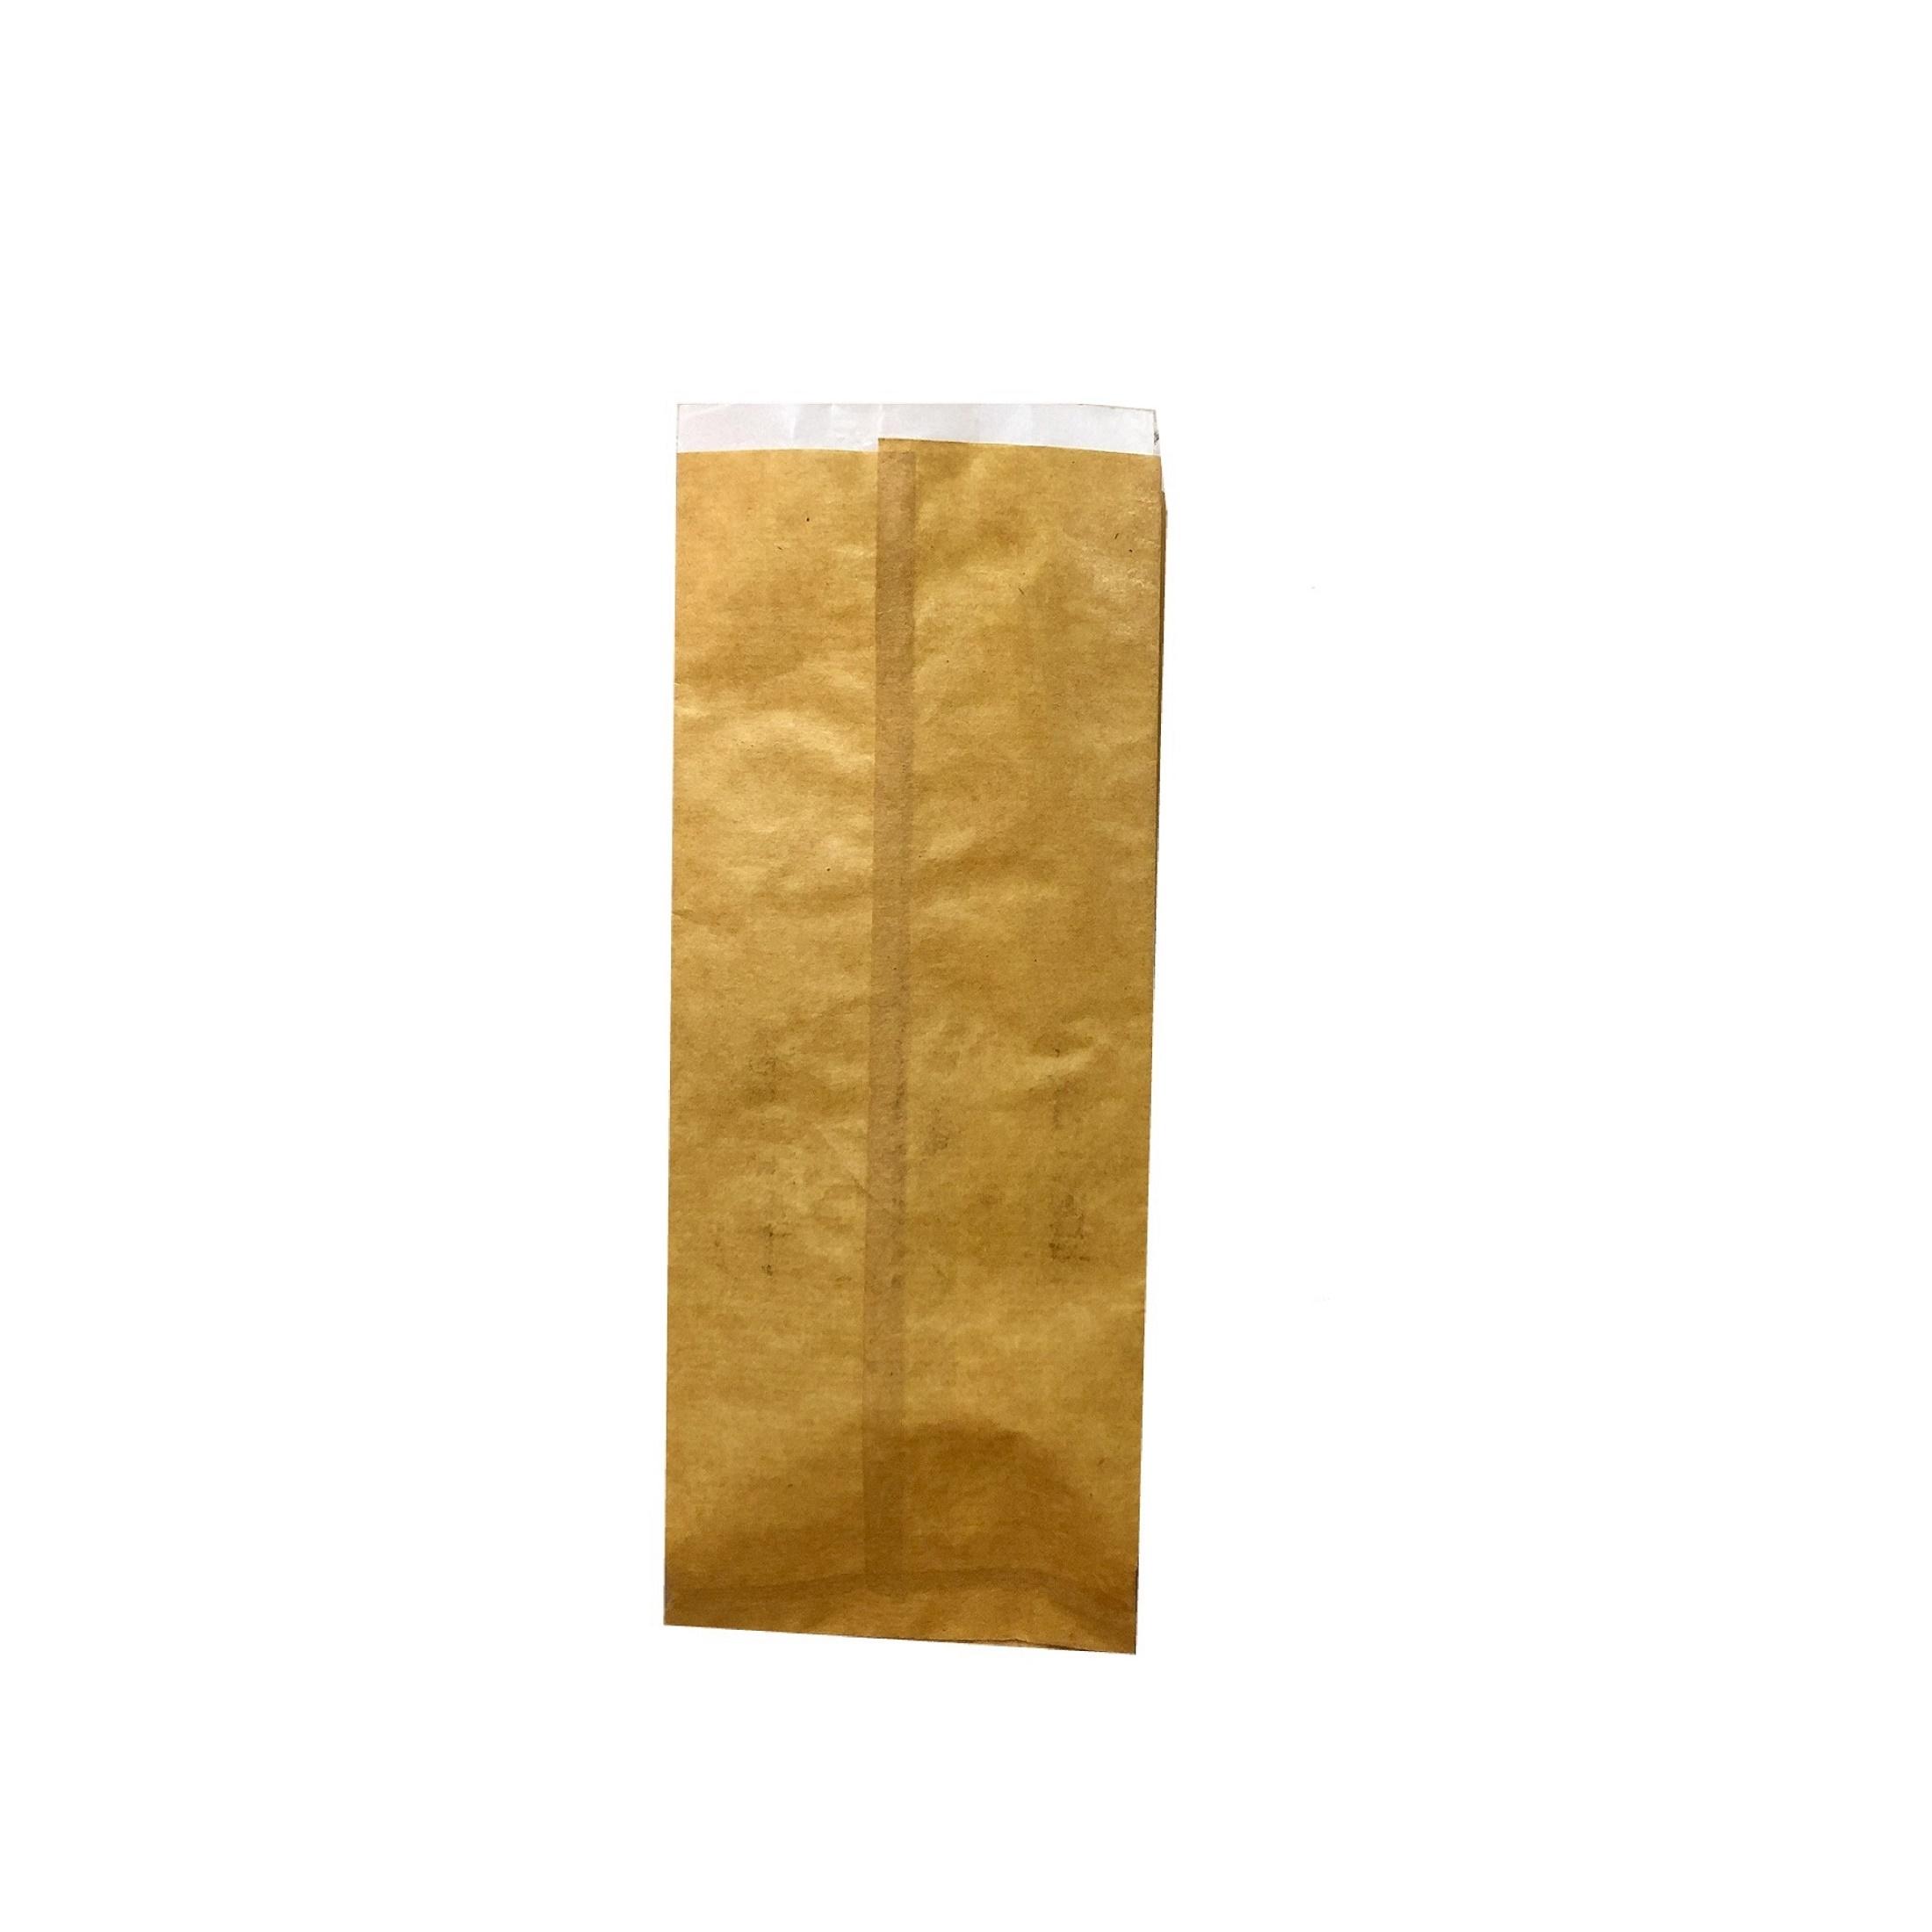 پاکت یکبار مصرف کد B07 بسته 100 عددی